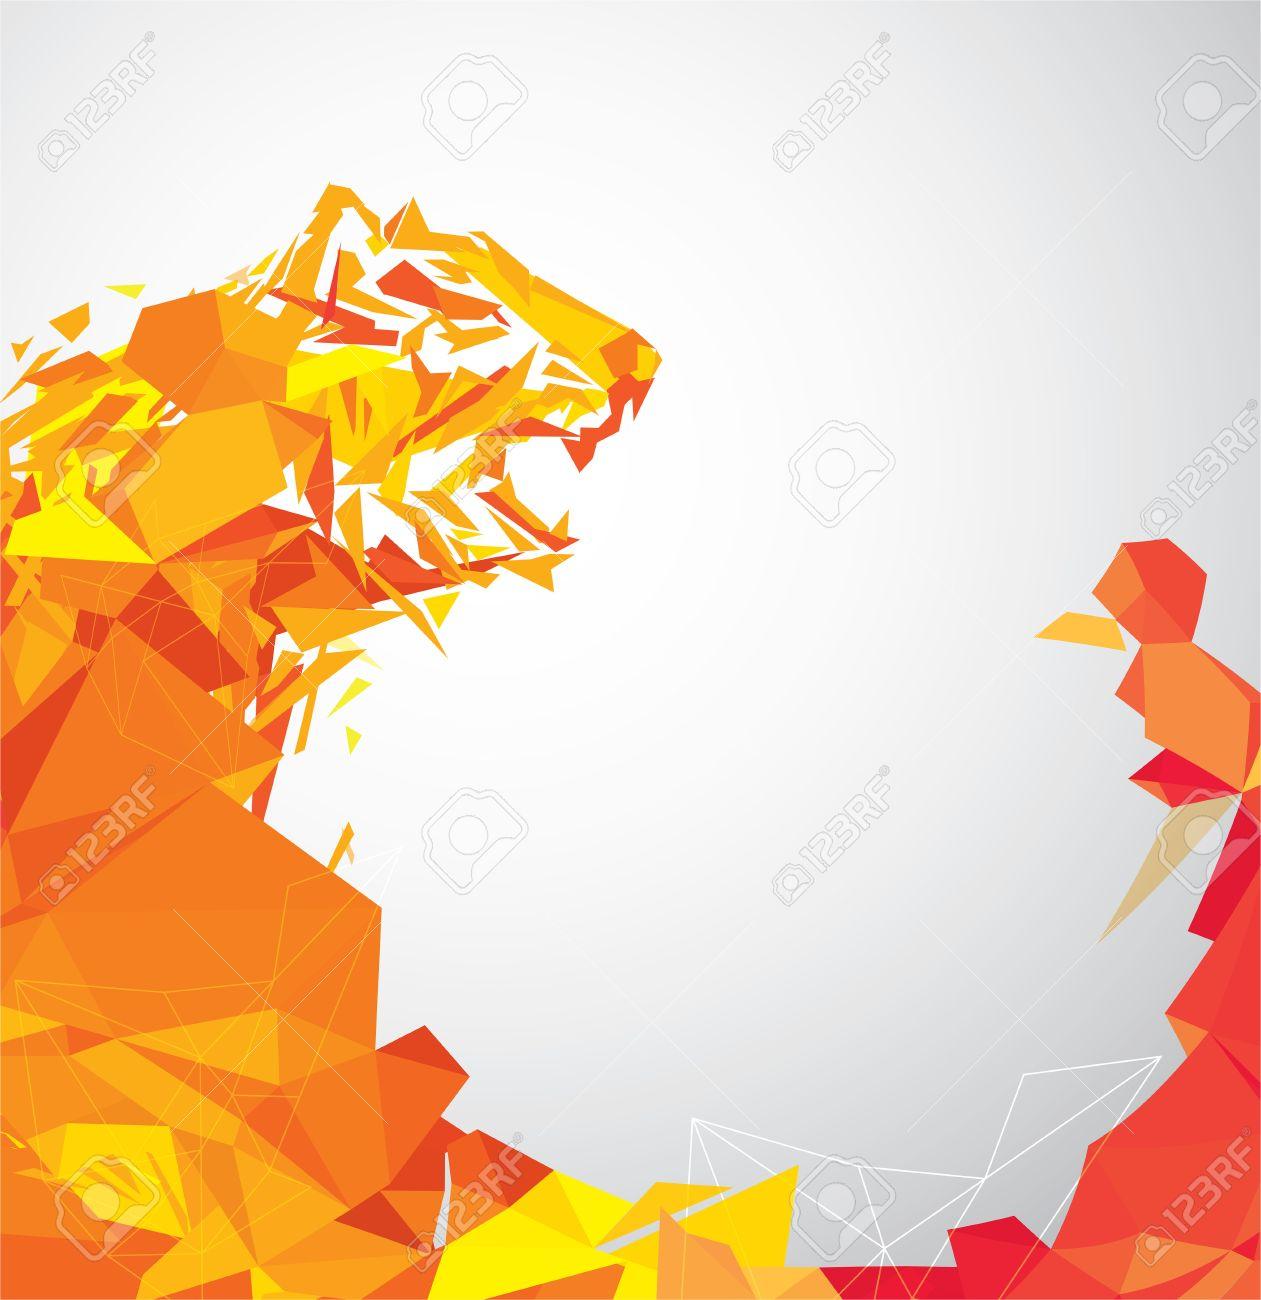 polygon tiger illustration - 59567361